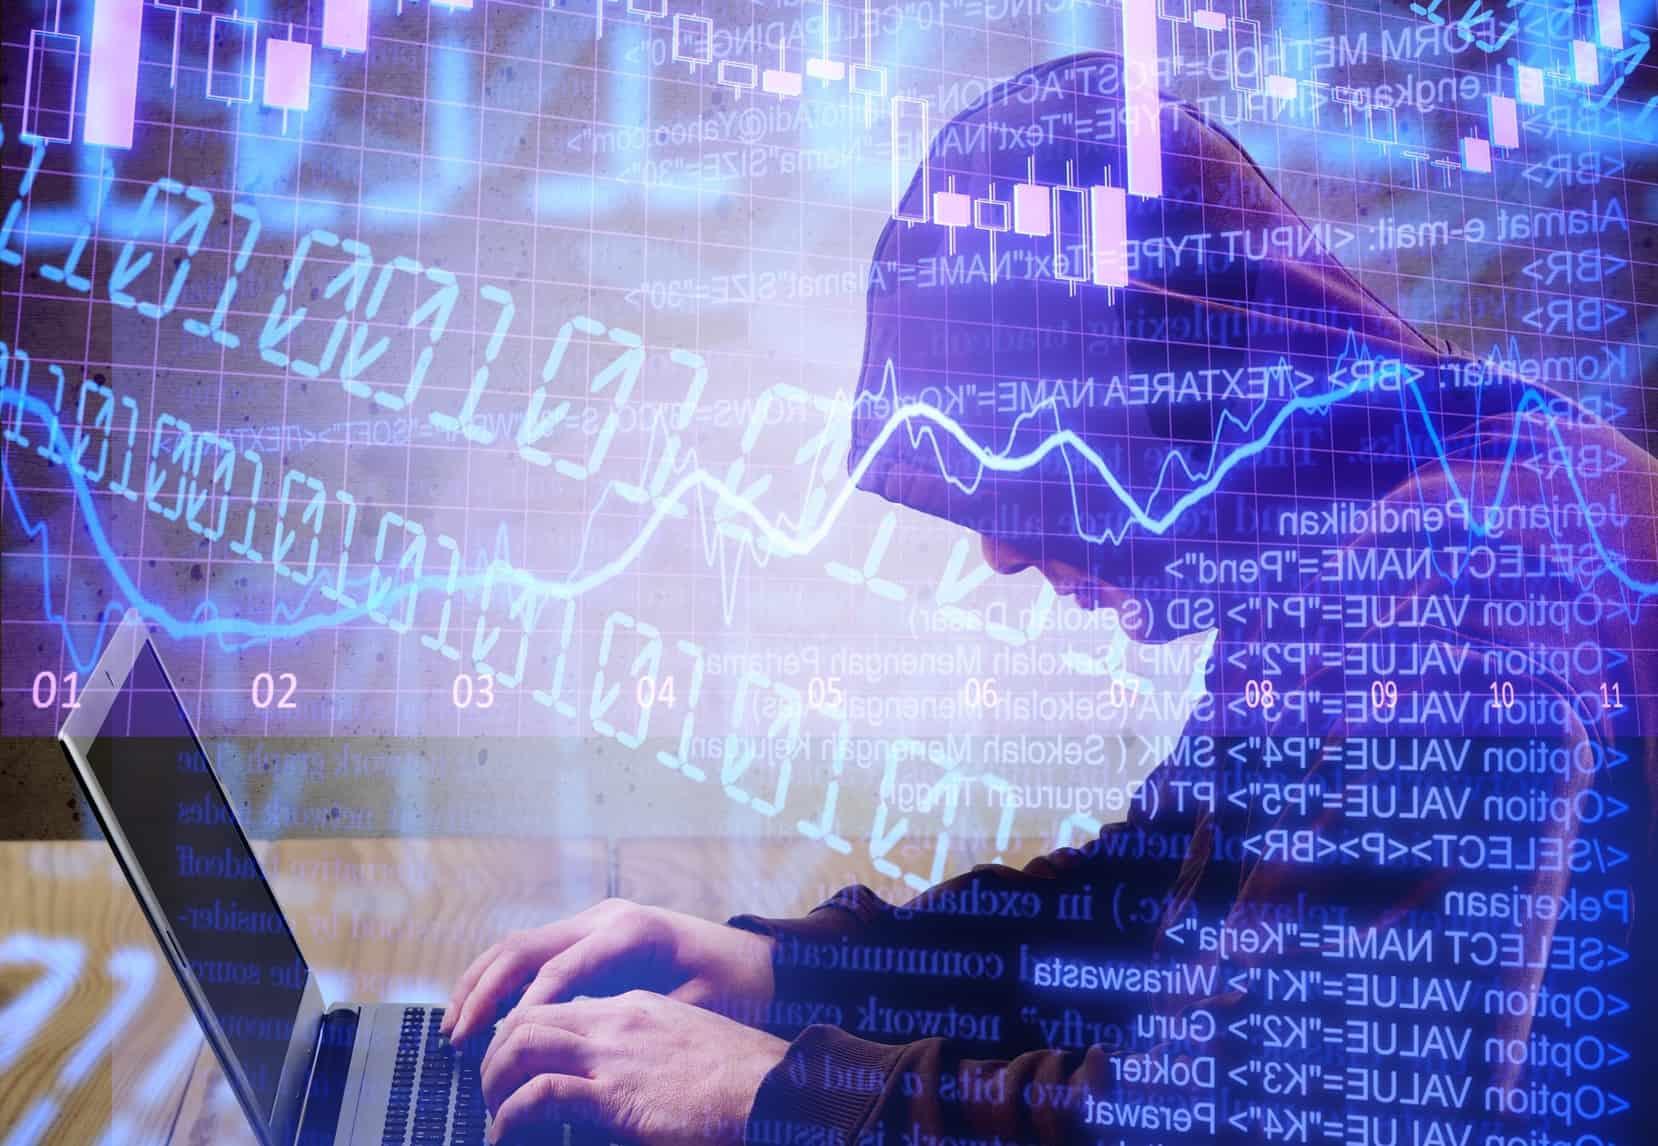 El robo de información es el fraude cibernético más frecuente en México, indicó el Reporte Global de Fraude y Riesgo 2017/2018 de la empresa de mitigación y respuesta de riesgos, Kroll Inc.